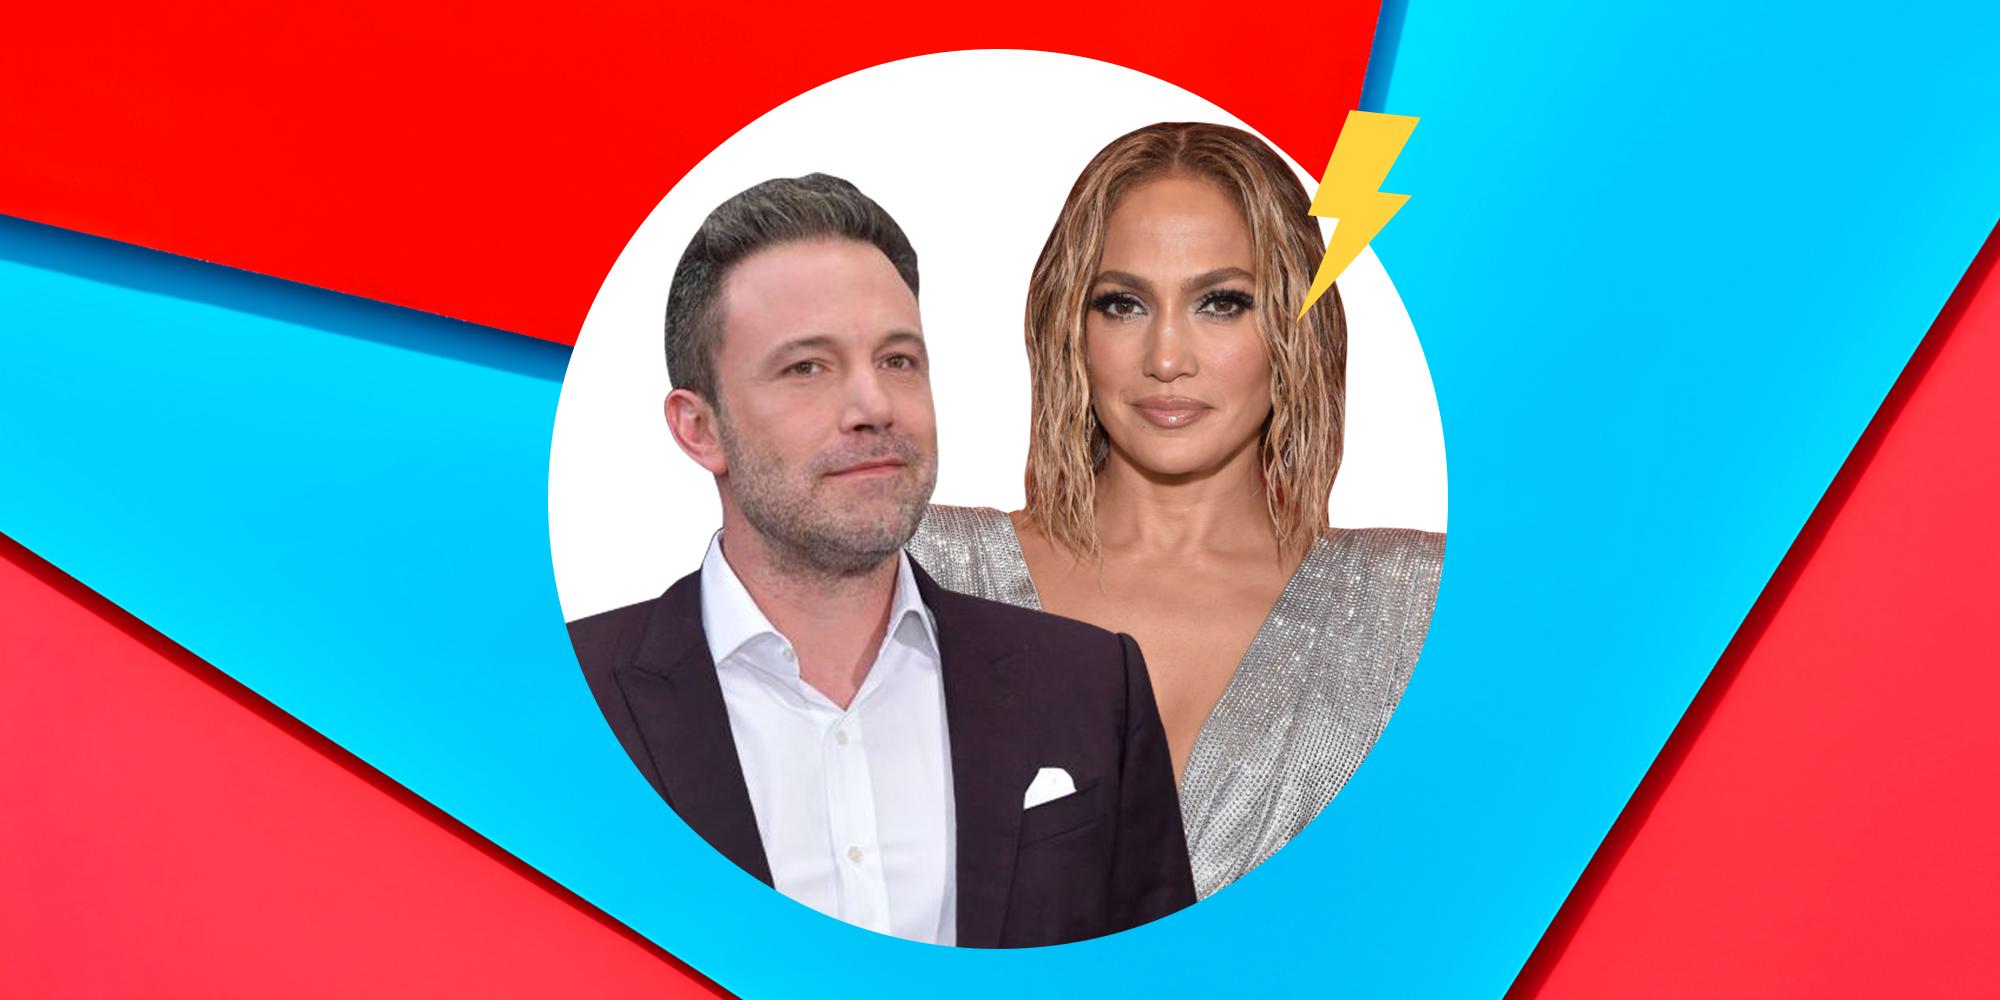 Jennifer Lopez And Ben Affleck Would Always Get Back Together, Per Astrology